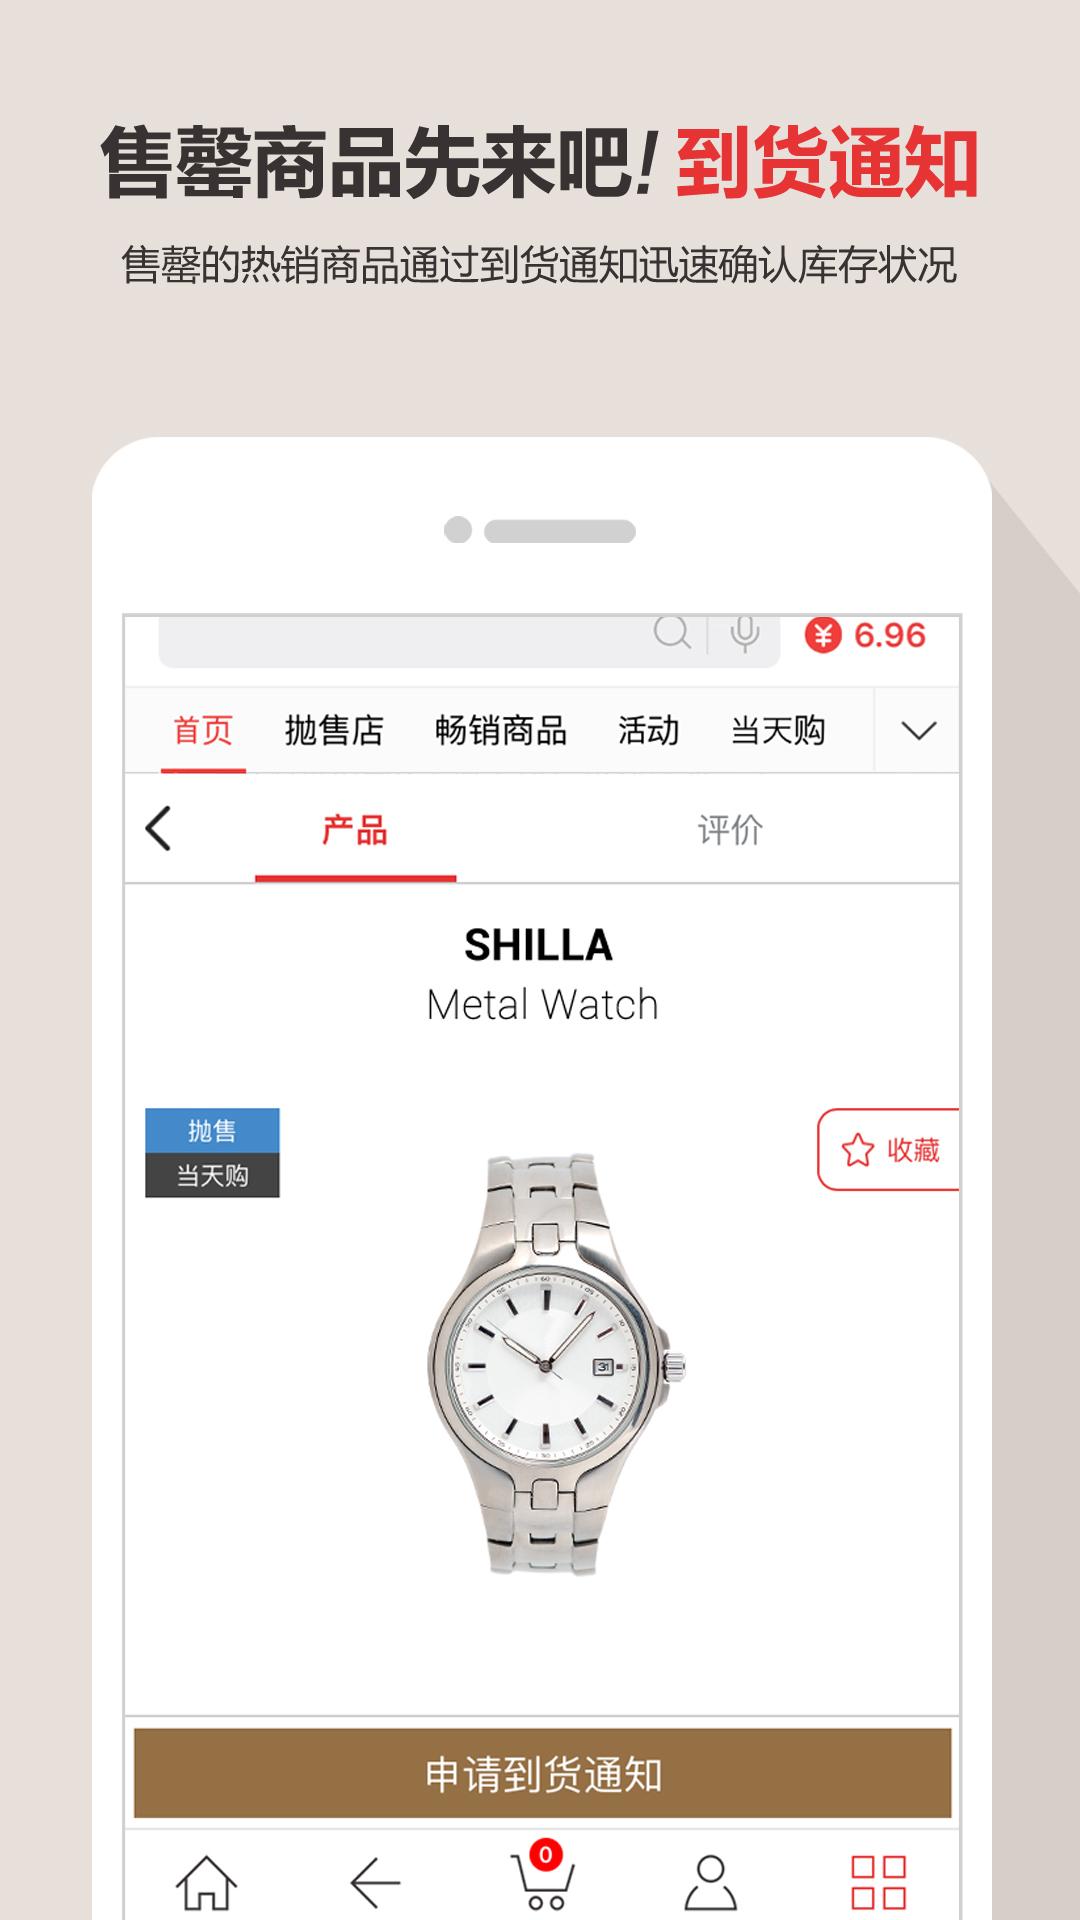 新罗免税店 V10.2.1 安卓版截图1